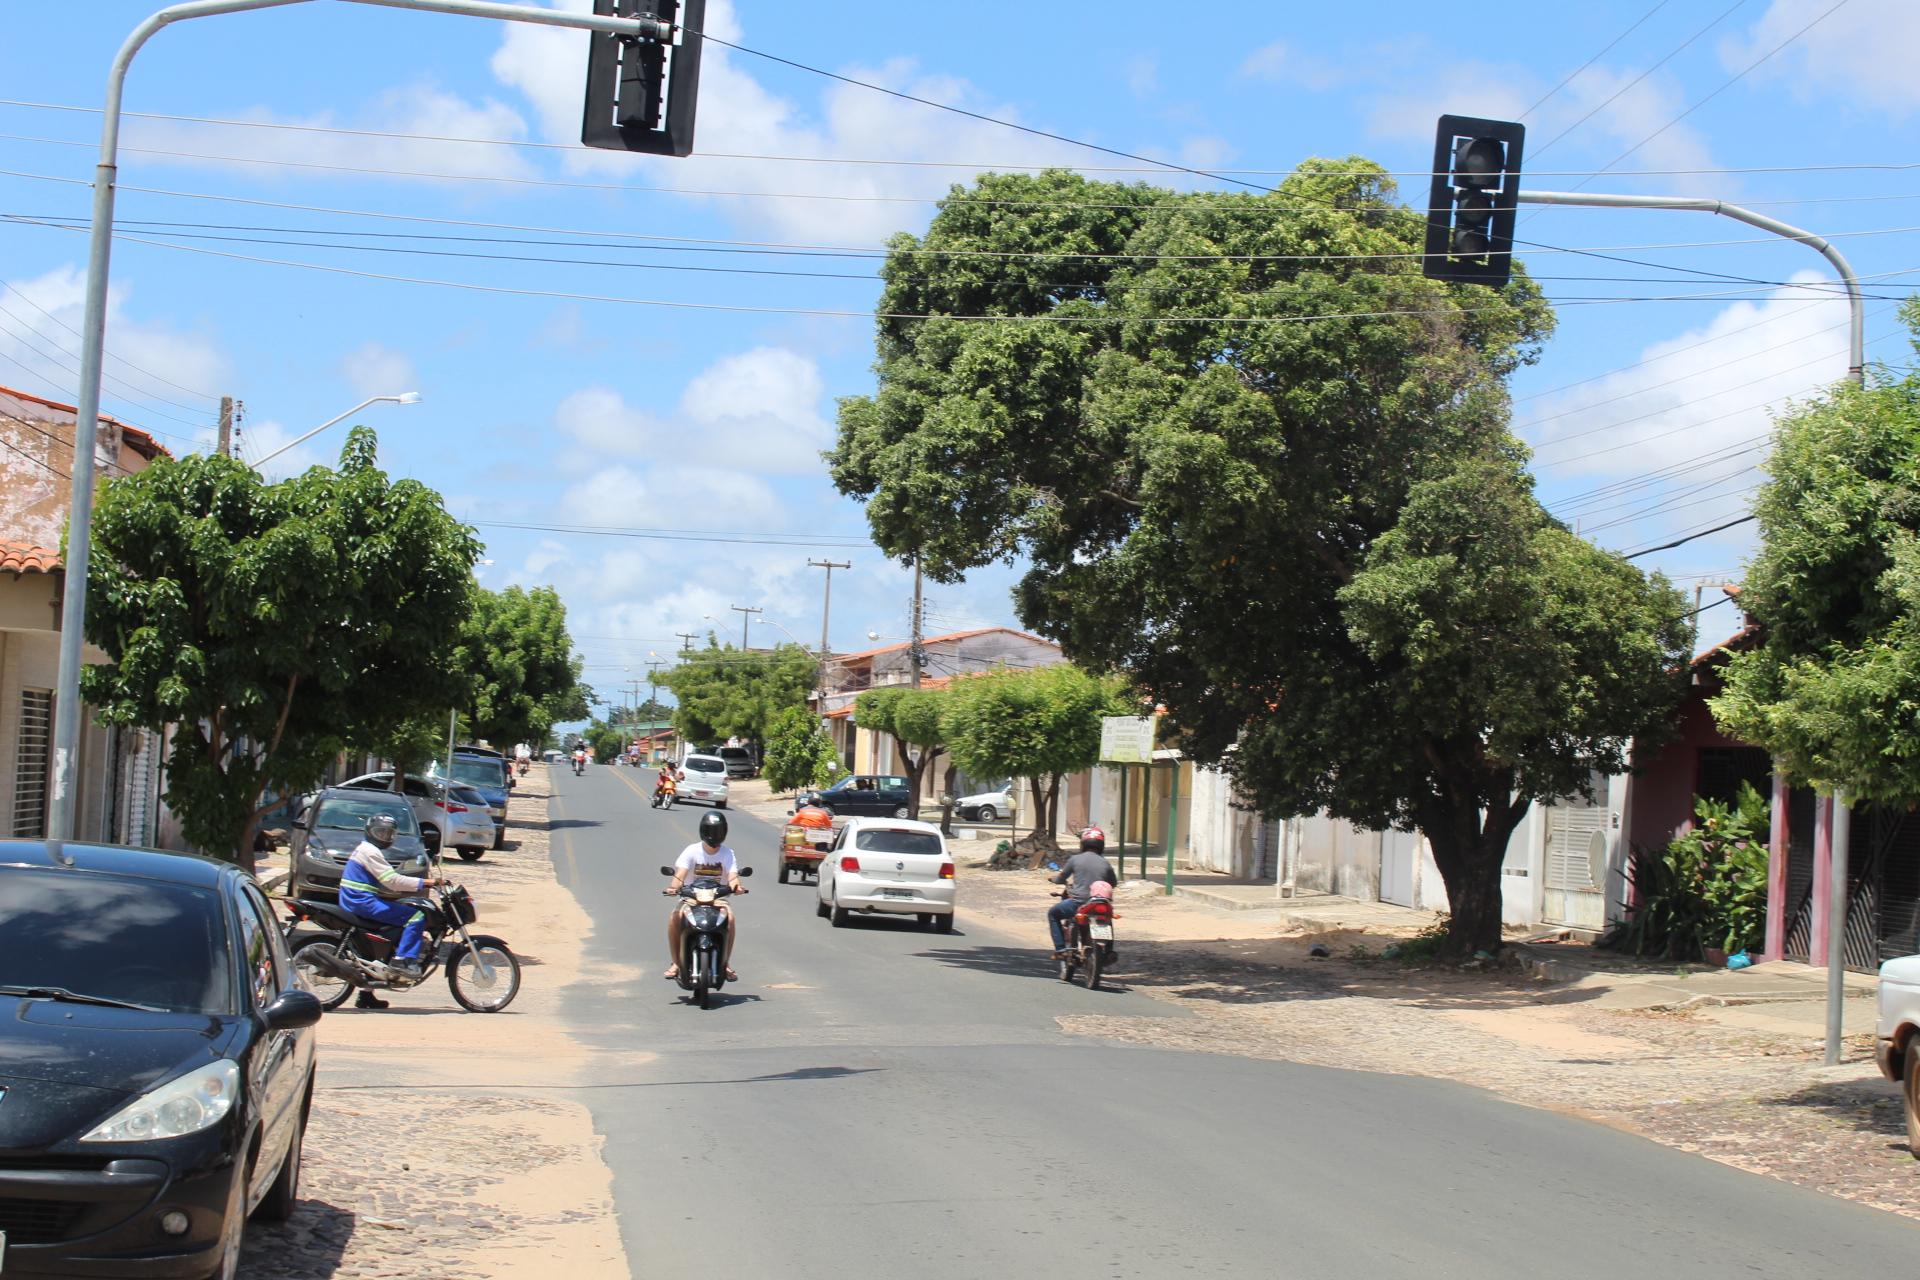 Secretaria de Transporte e Trânsito anuncia implantação de novo semáforo na cidade